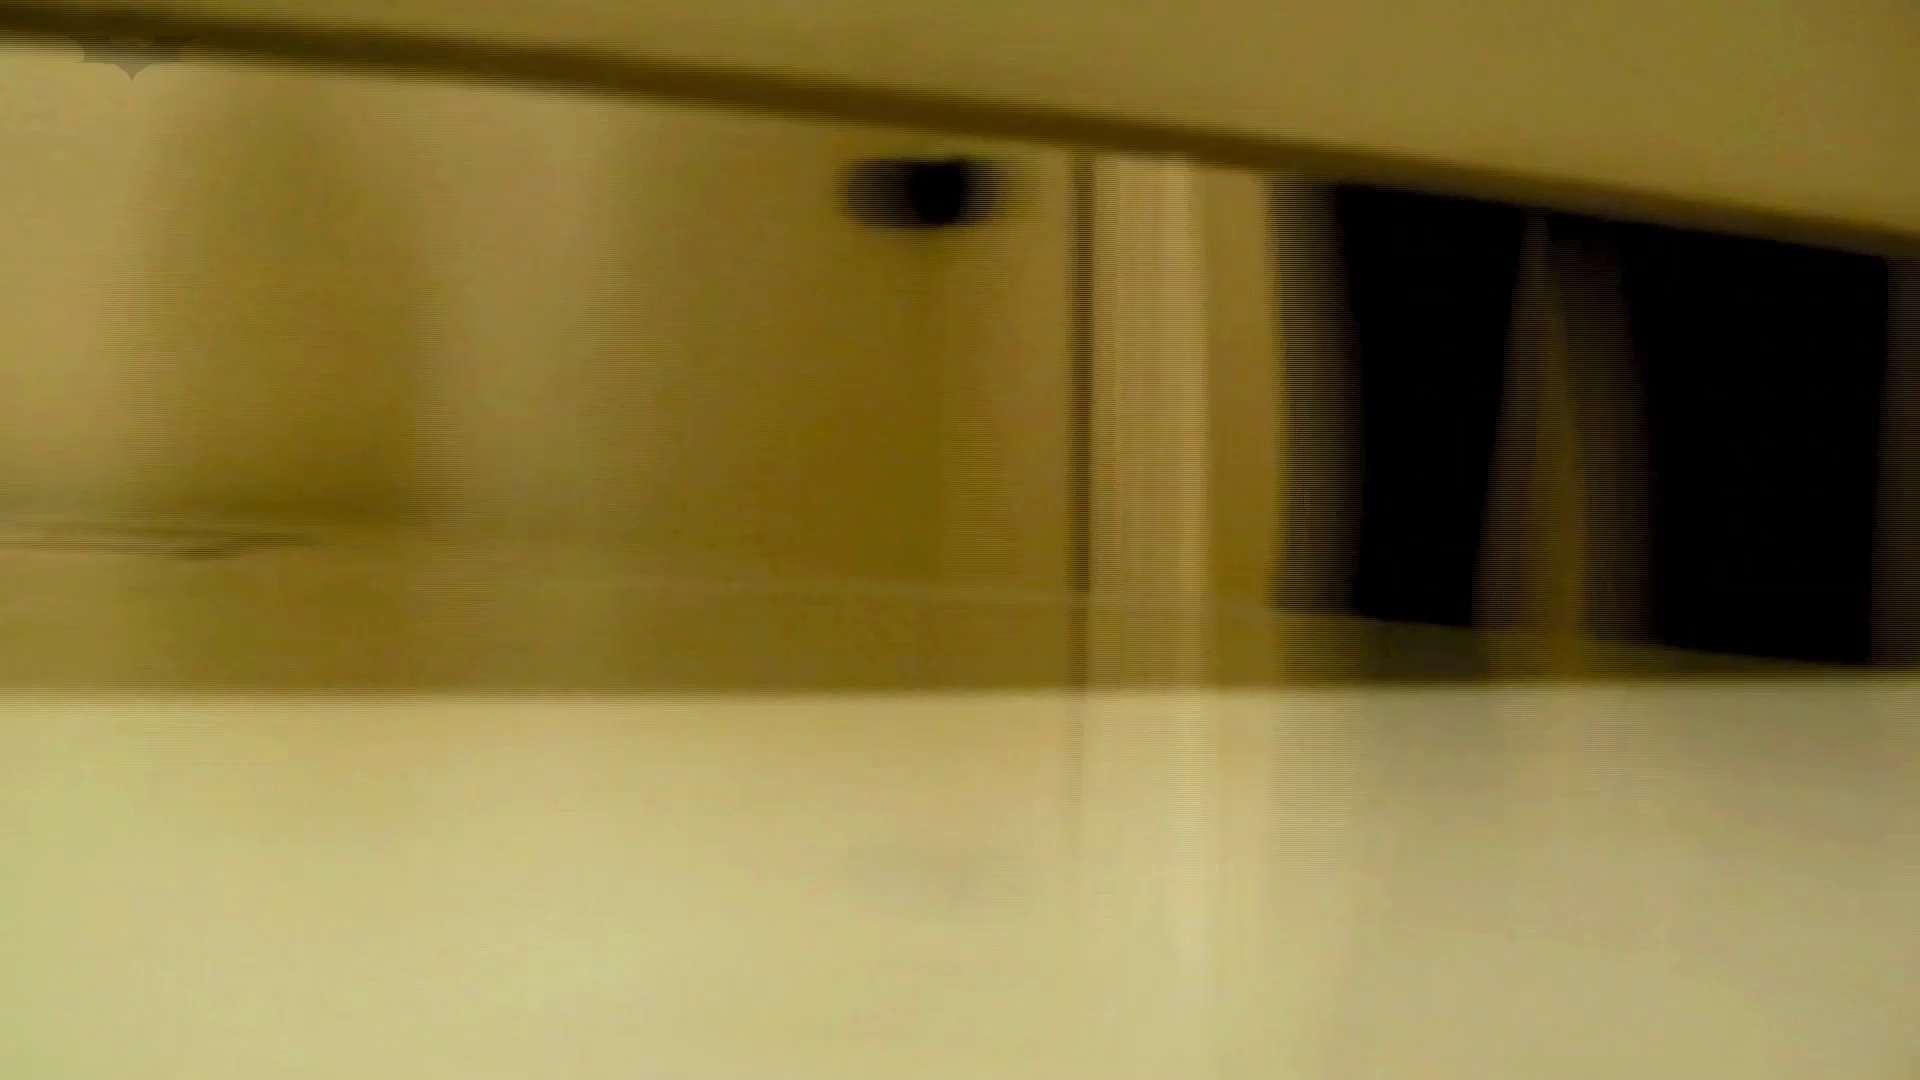 新世界の射窓 No78 トリンドル 玲奈似登場シリーズ美女率最高作! 美女 AV無料 103画像 35